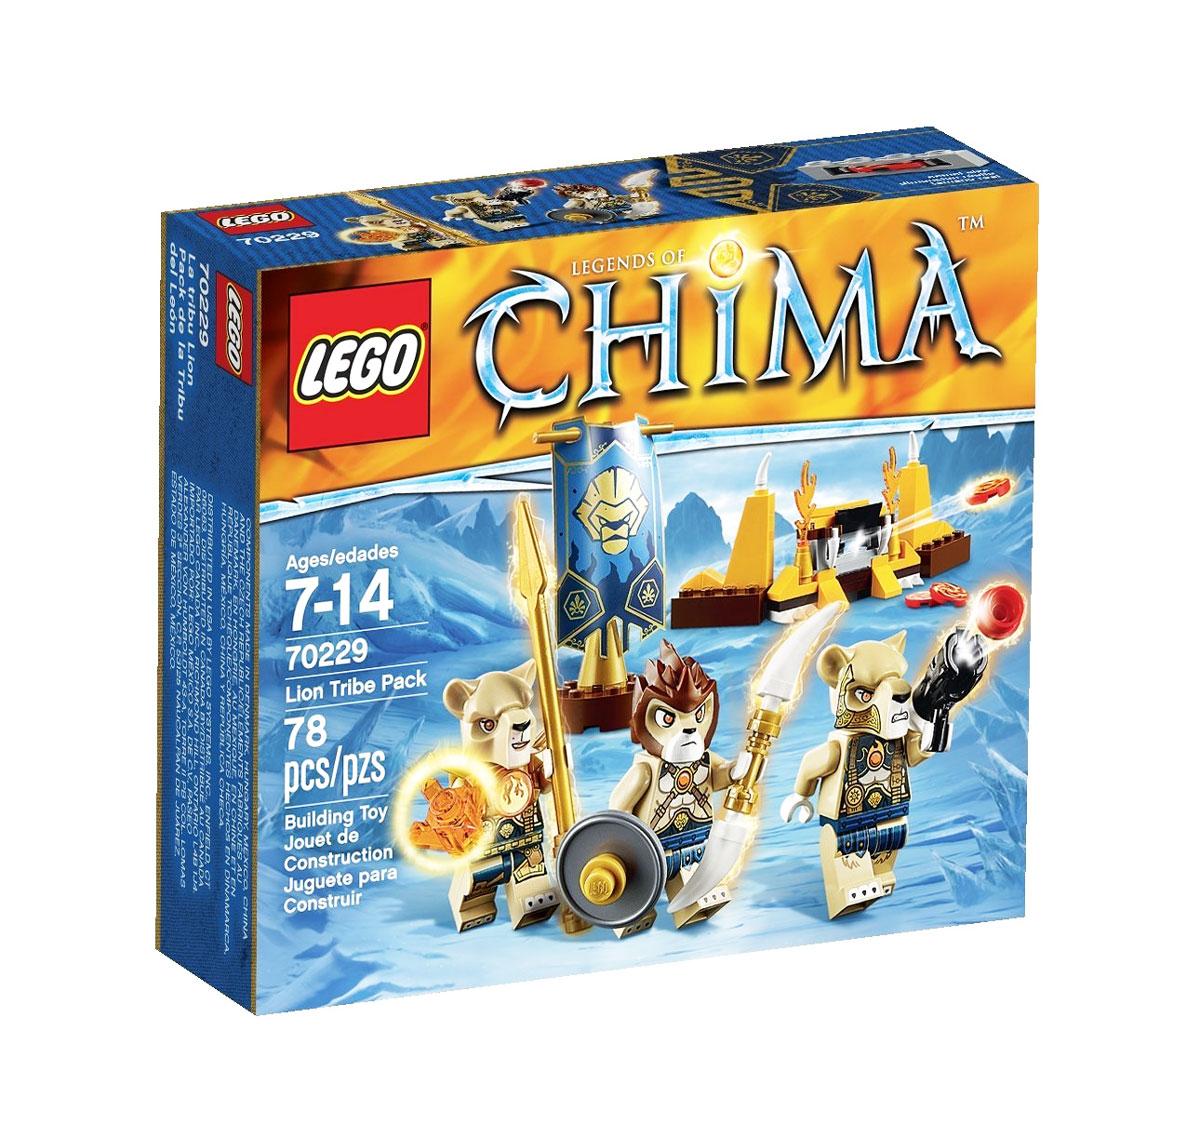 LEGO Legends of Chima Конструктор Лагерь Клана Львов настольные игры львов